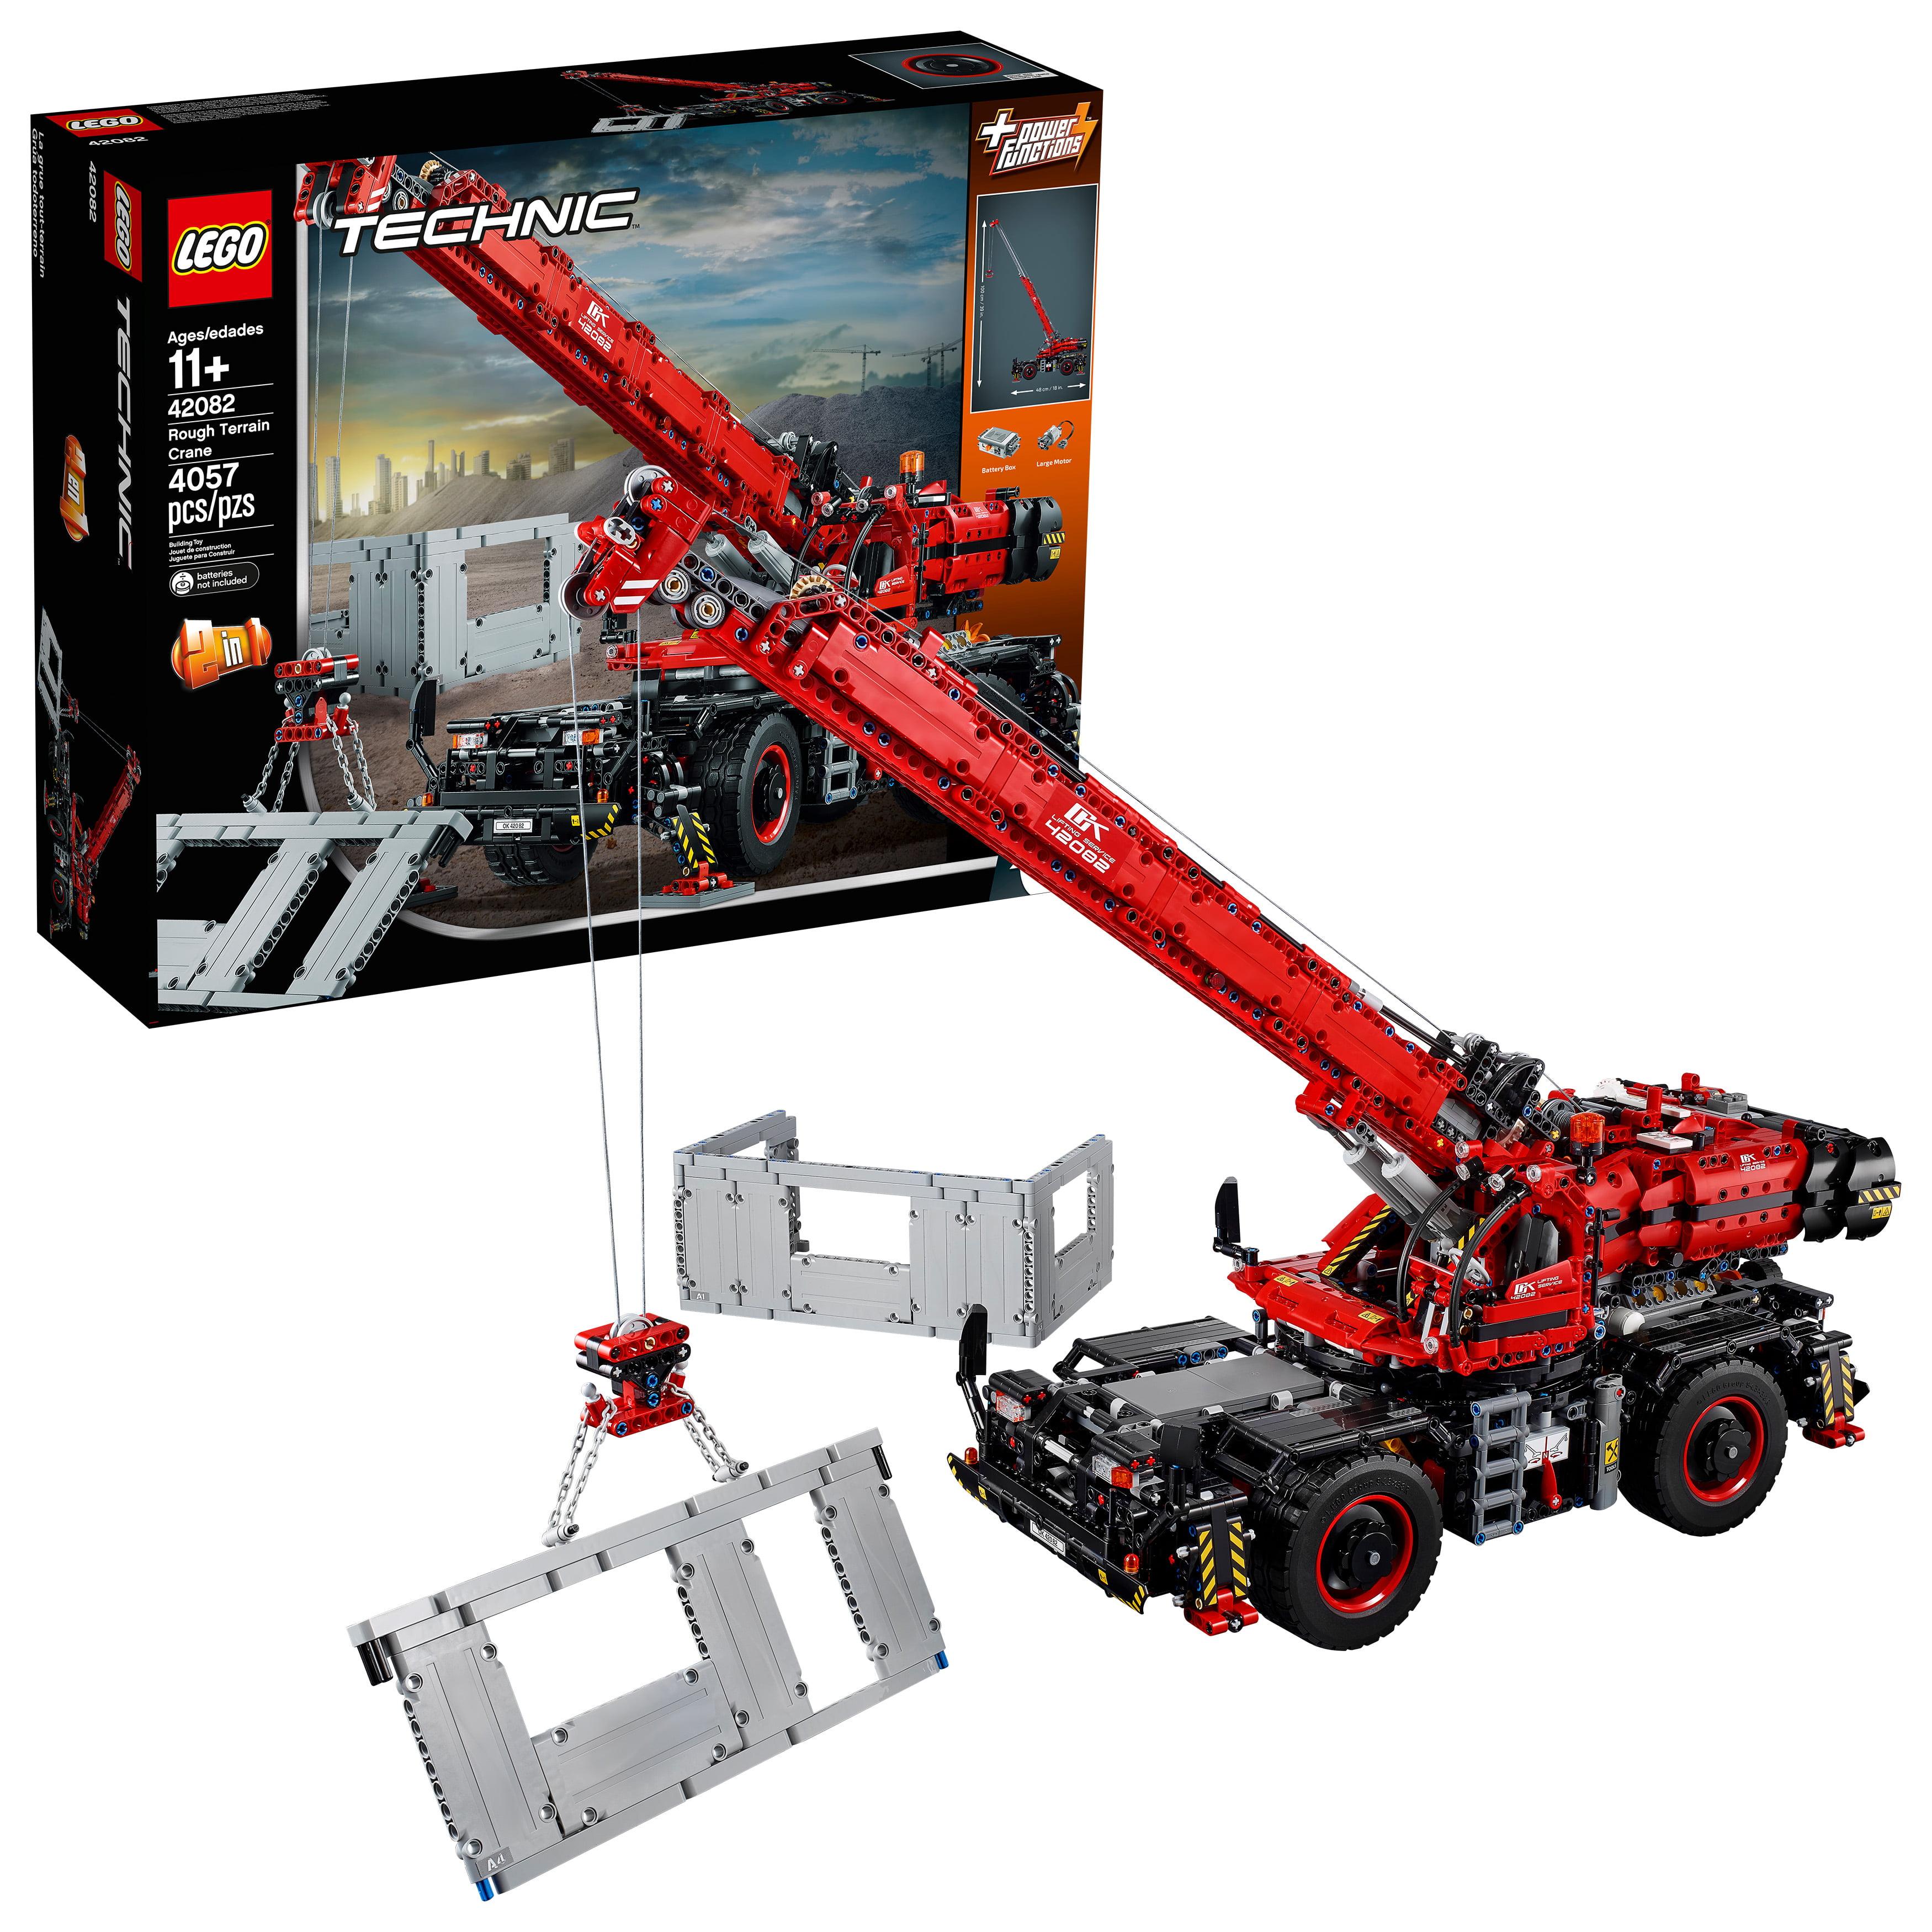 Lego Technic Rough Terrain Crane 42082 by LEGO System Inc